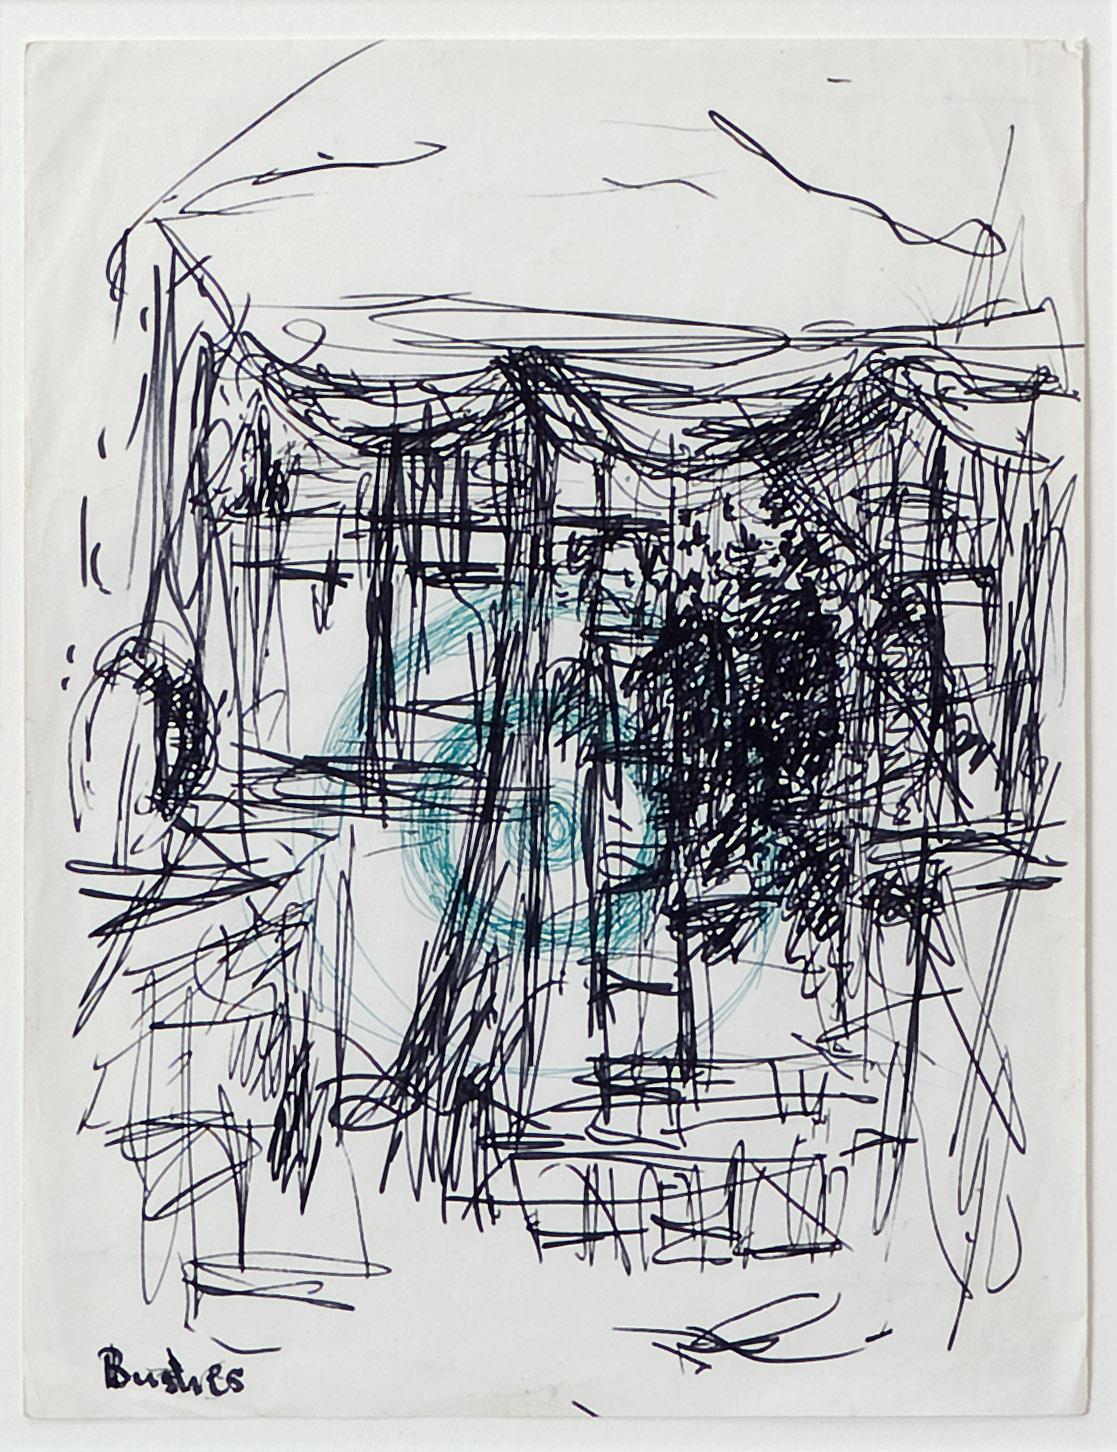 o. T. (Bushes) |n.d. | Filzstift und Faserschreiber auf Papier | 27,5 x 21,5 cm